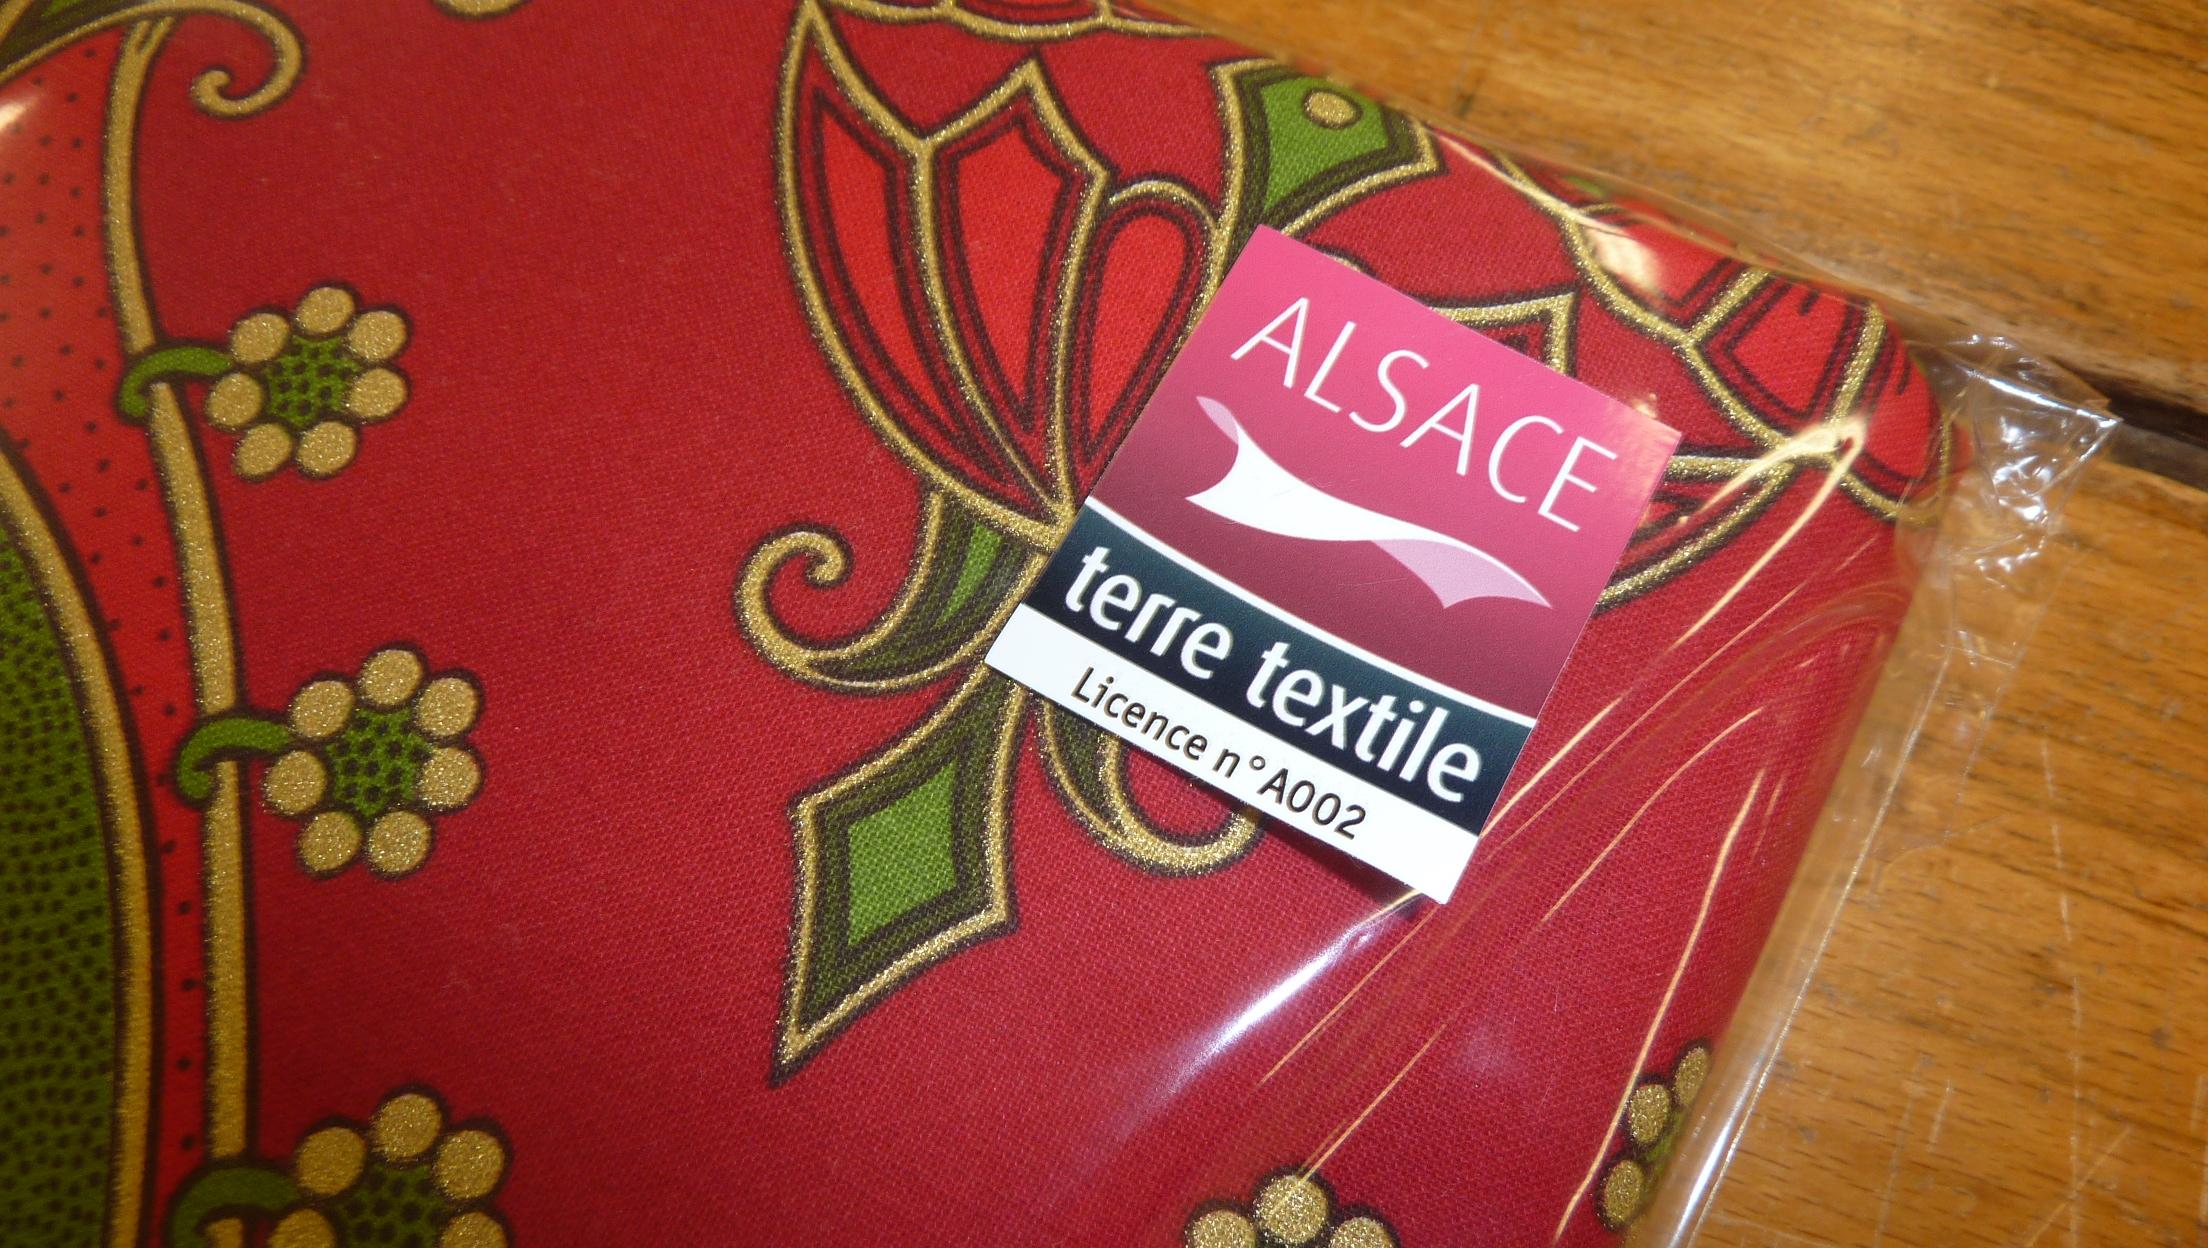 Tissu etoff eries du march de no l de mulhouse - Marche de tissu a paris ...